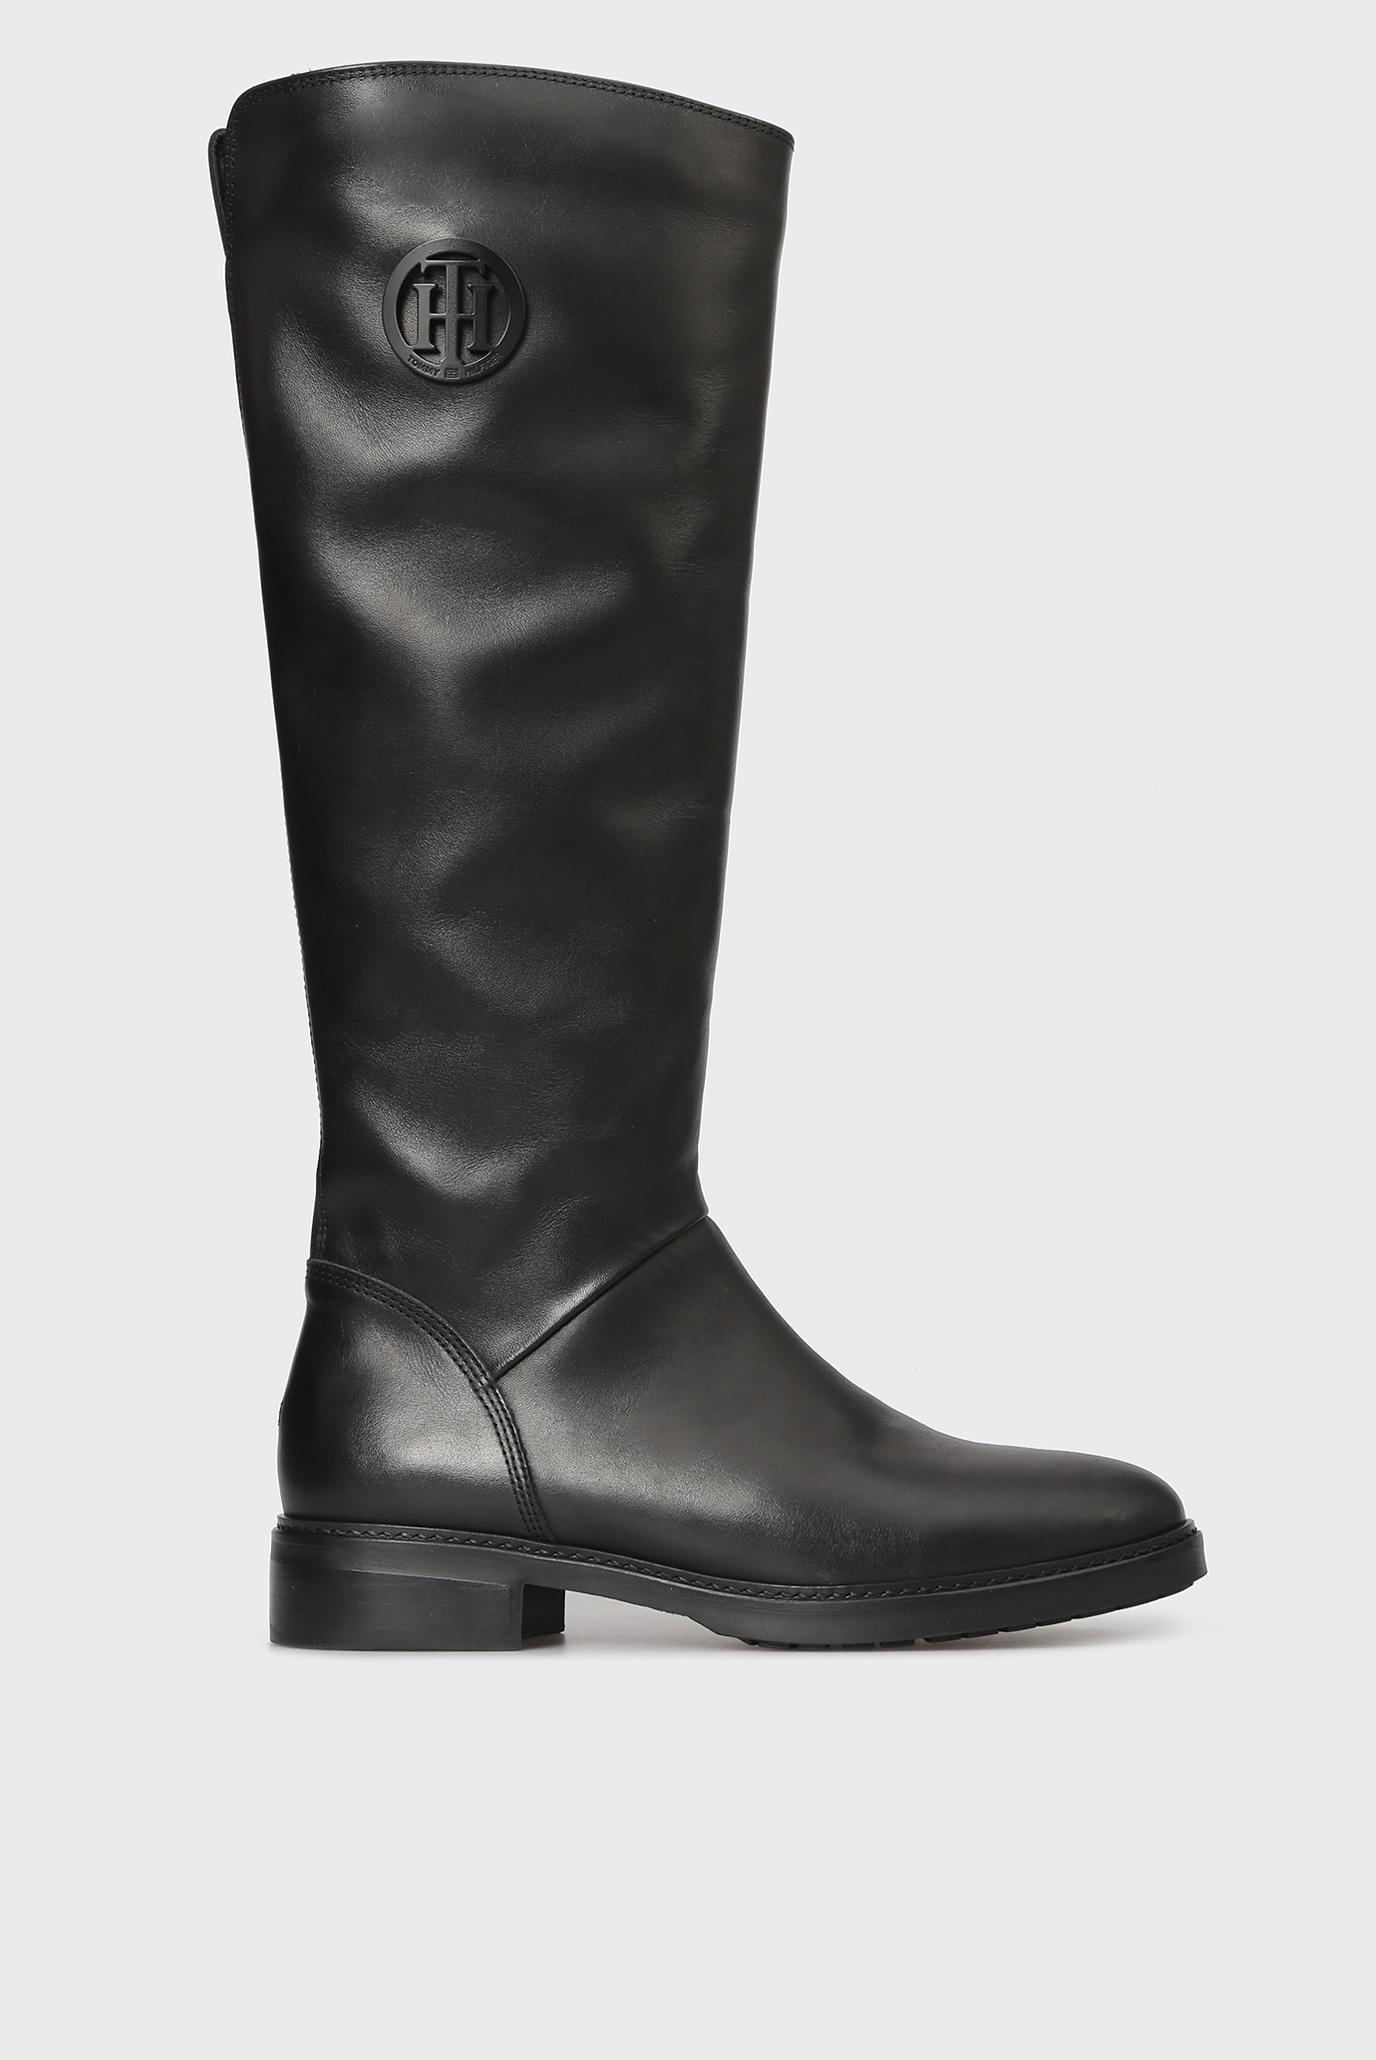 Купить Женские черные кожаные сапоги Tommy Hilfiger Tommy Hilfiger  FW0FW03433 – Киев cce9934c582da